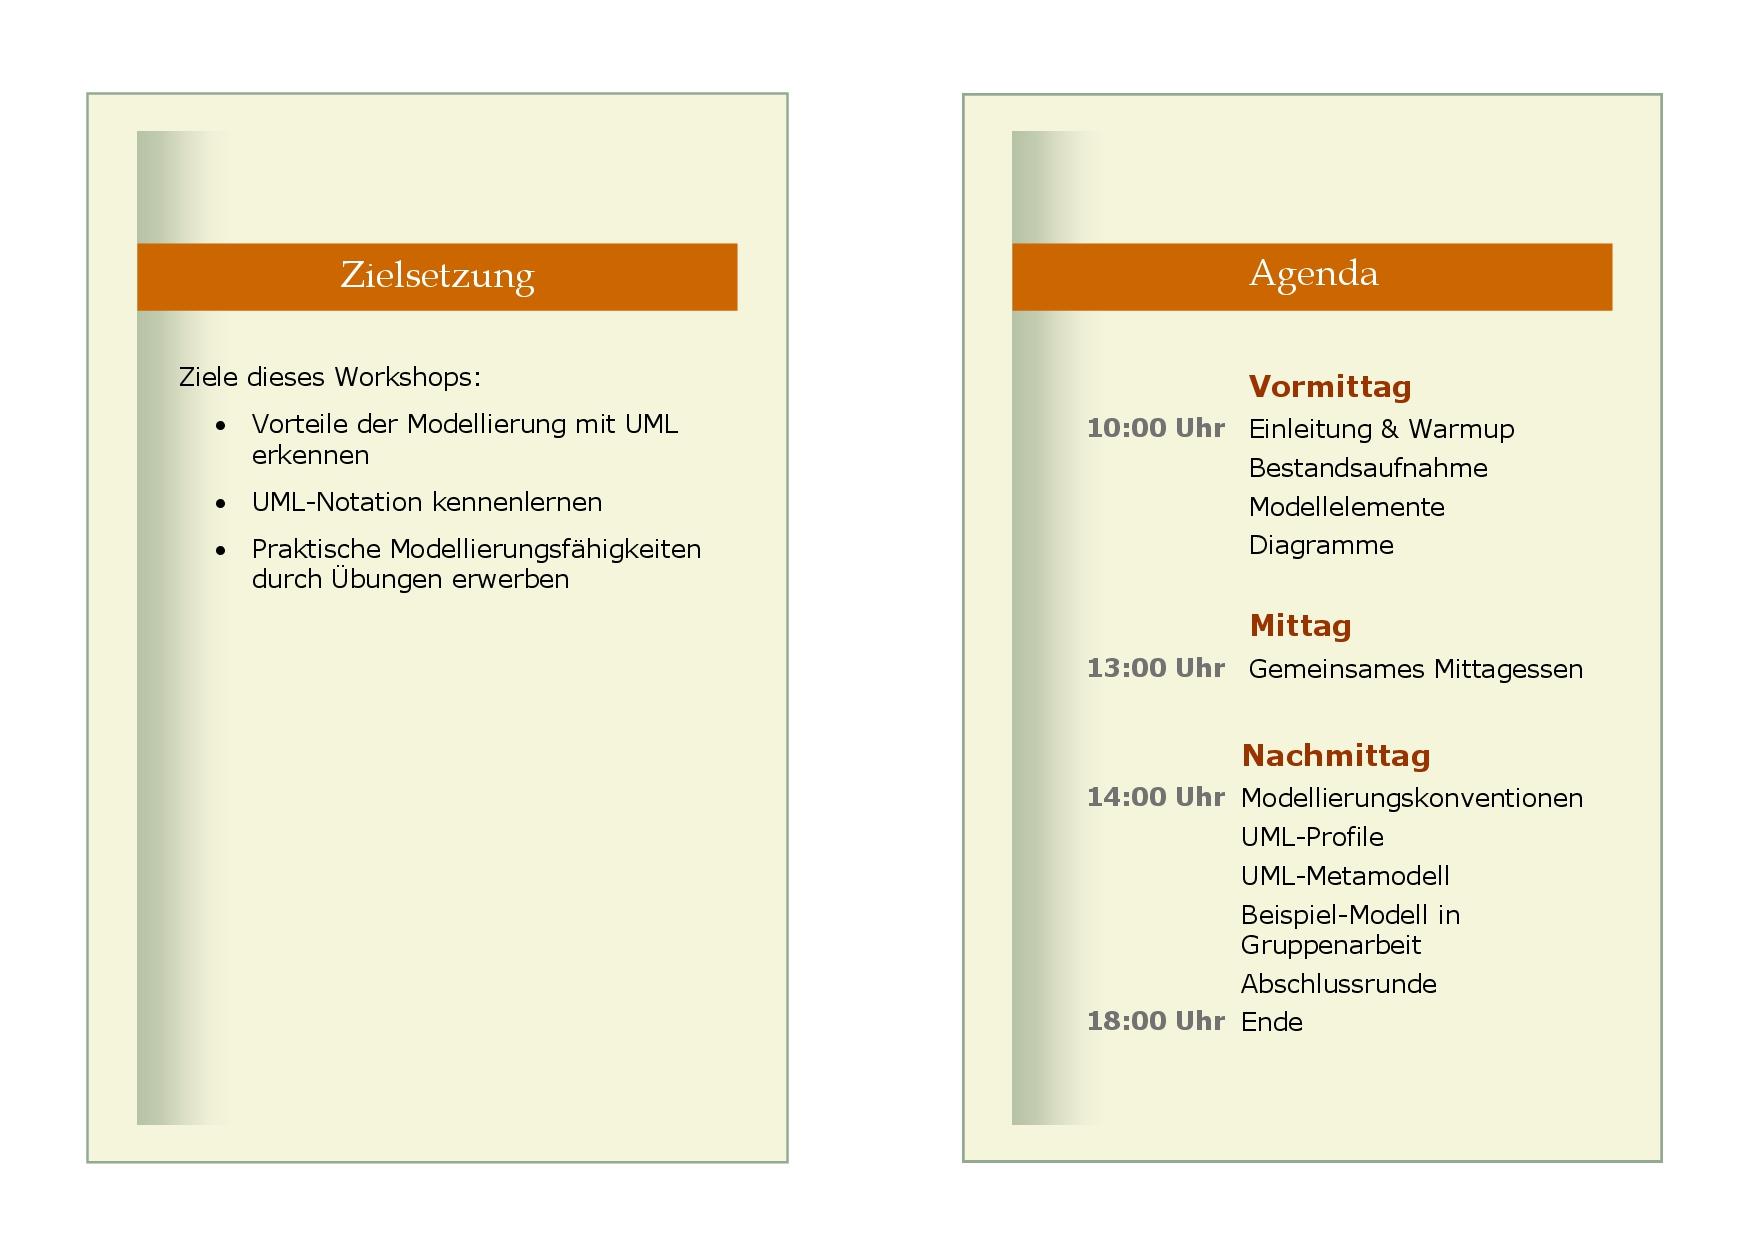 Modellierung mit UML - Zielsetzung & Agenda